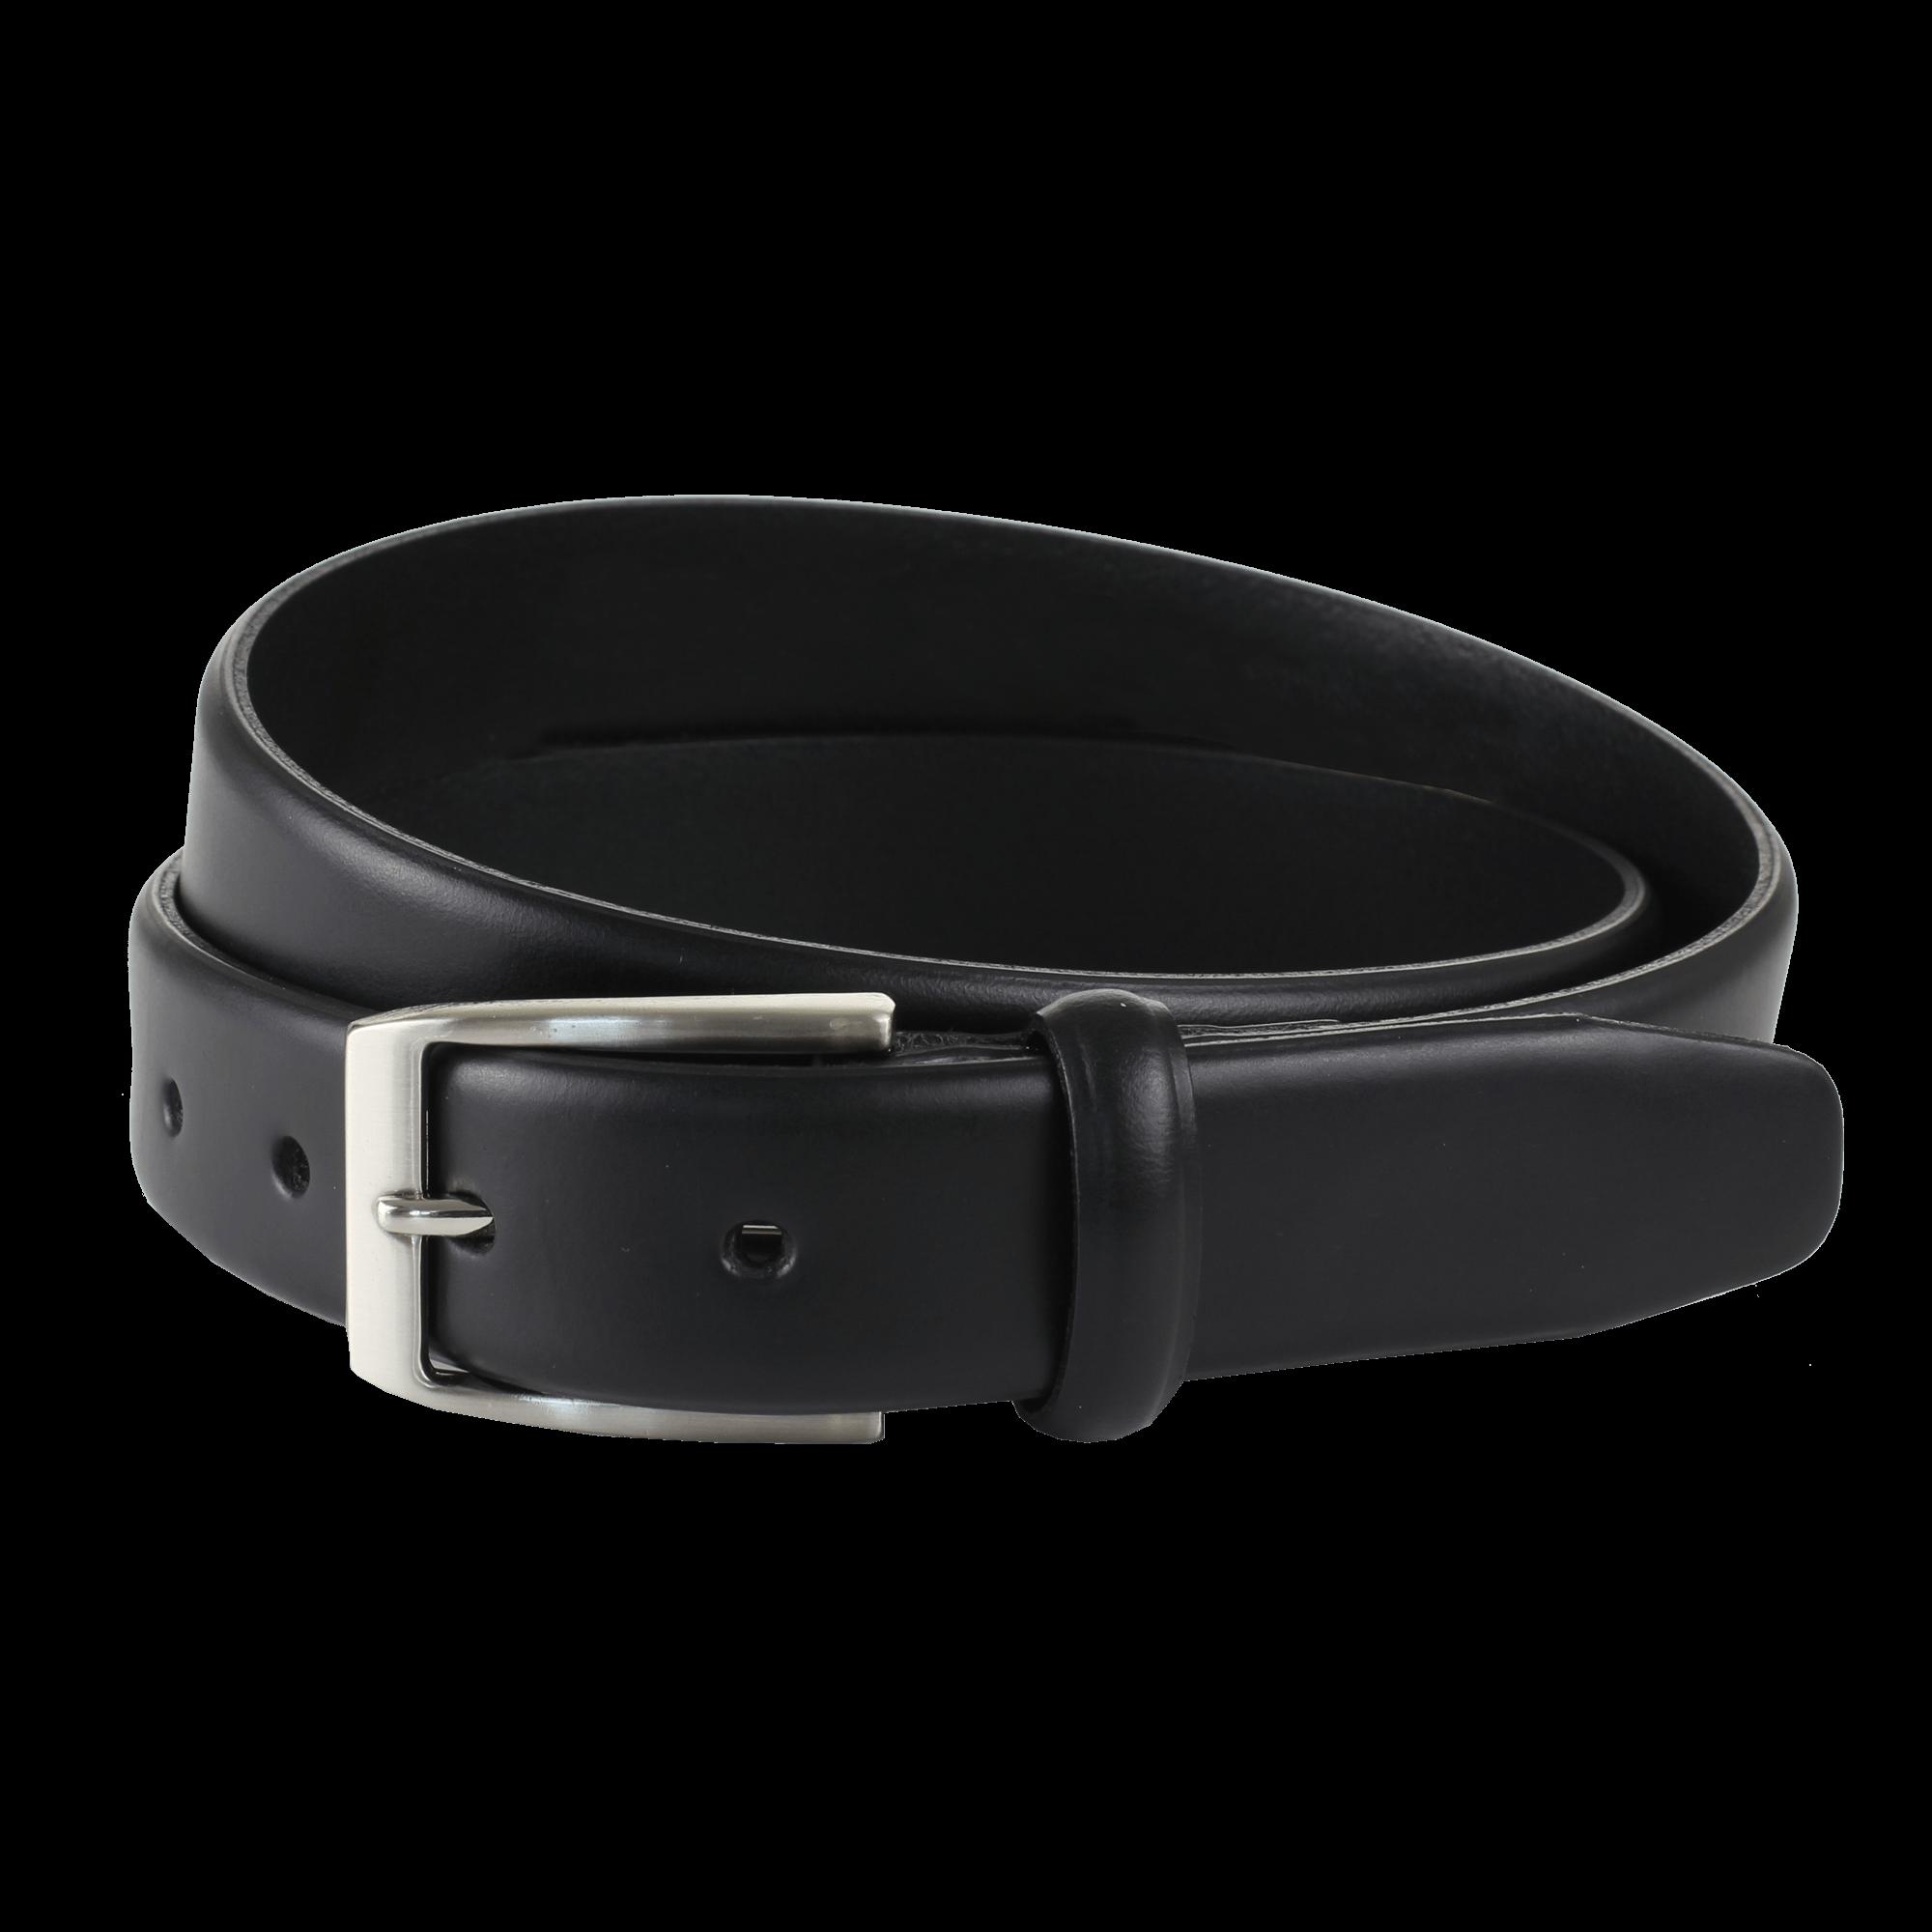 banner library Black transparent png stickpng. Belt clipart leather strap.